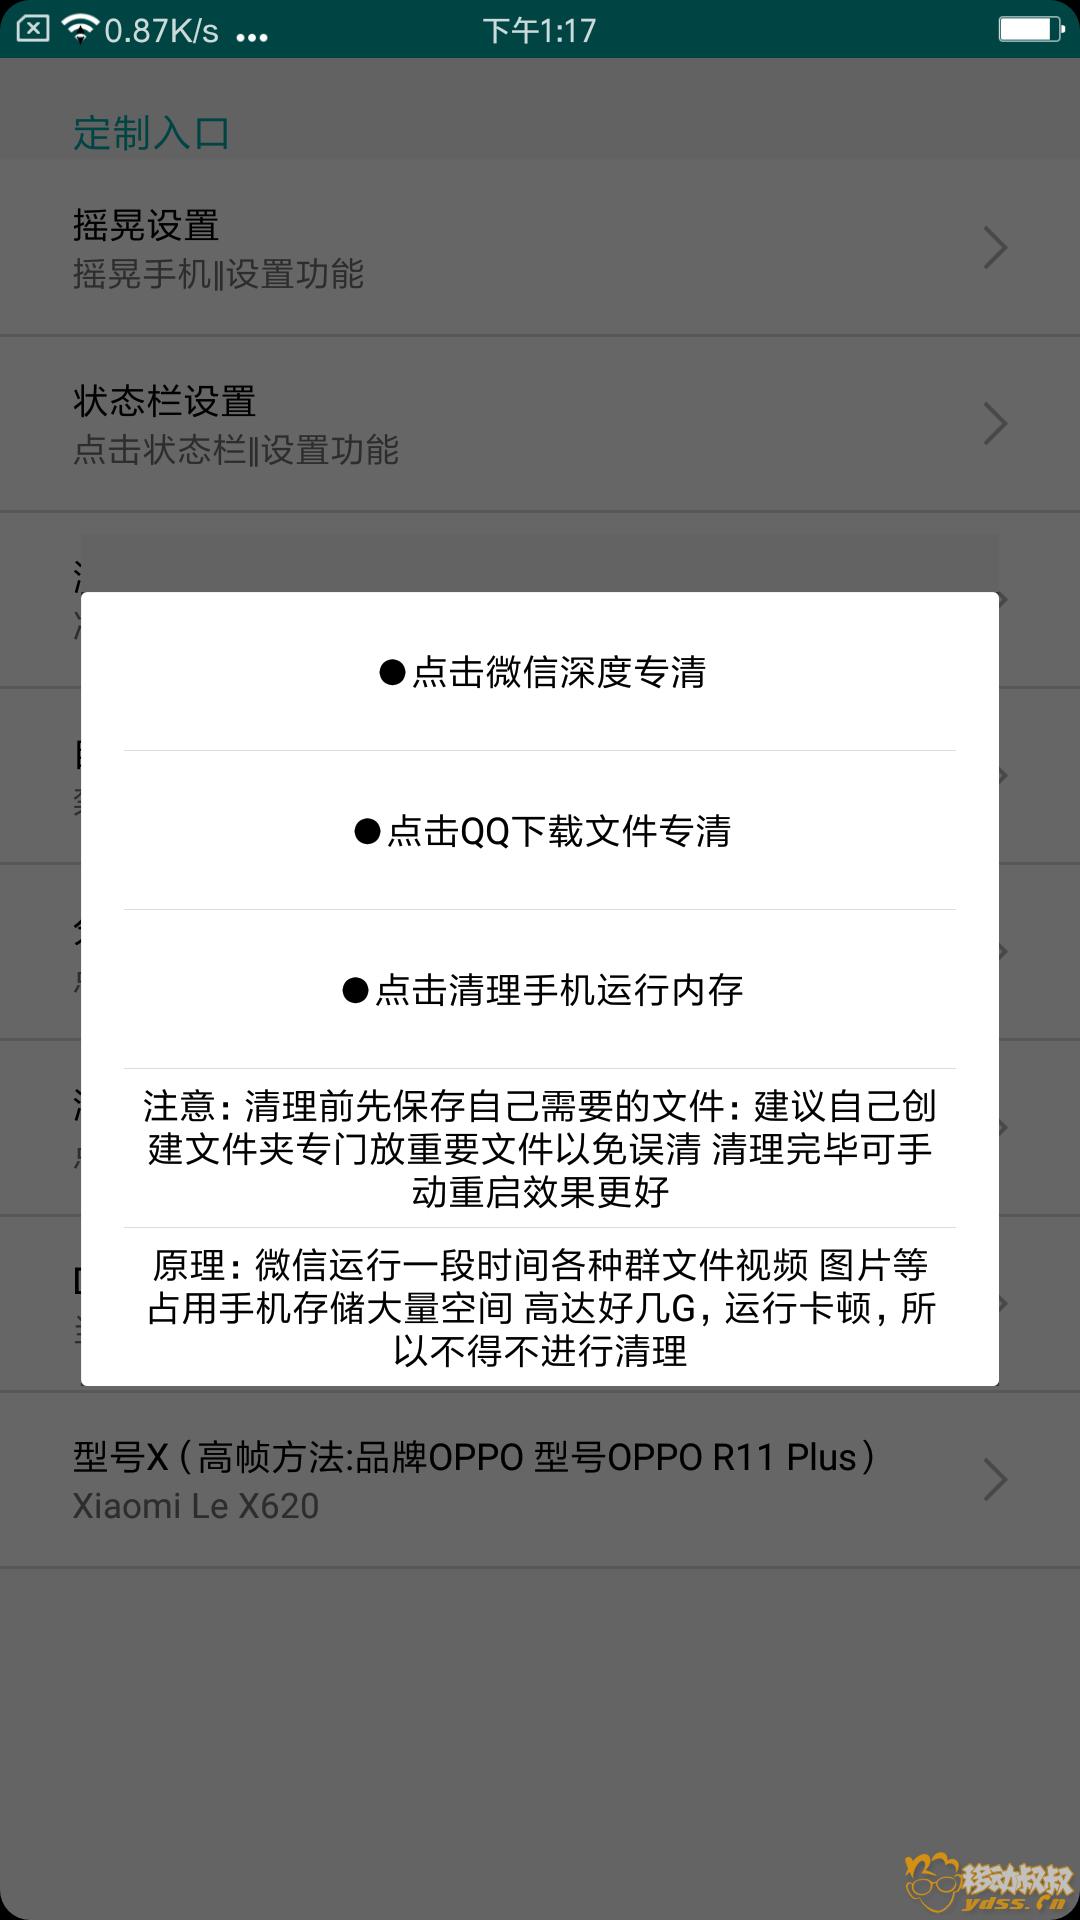 Screenshot_2018-03-11-13-17-40-096_com.lay.superTool.png